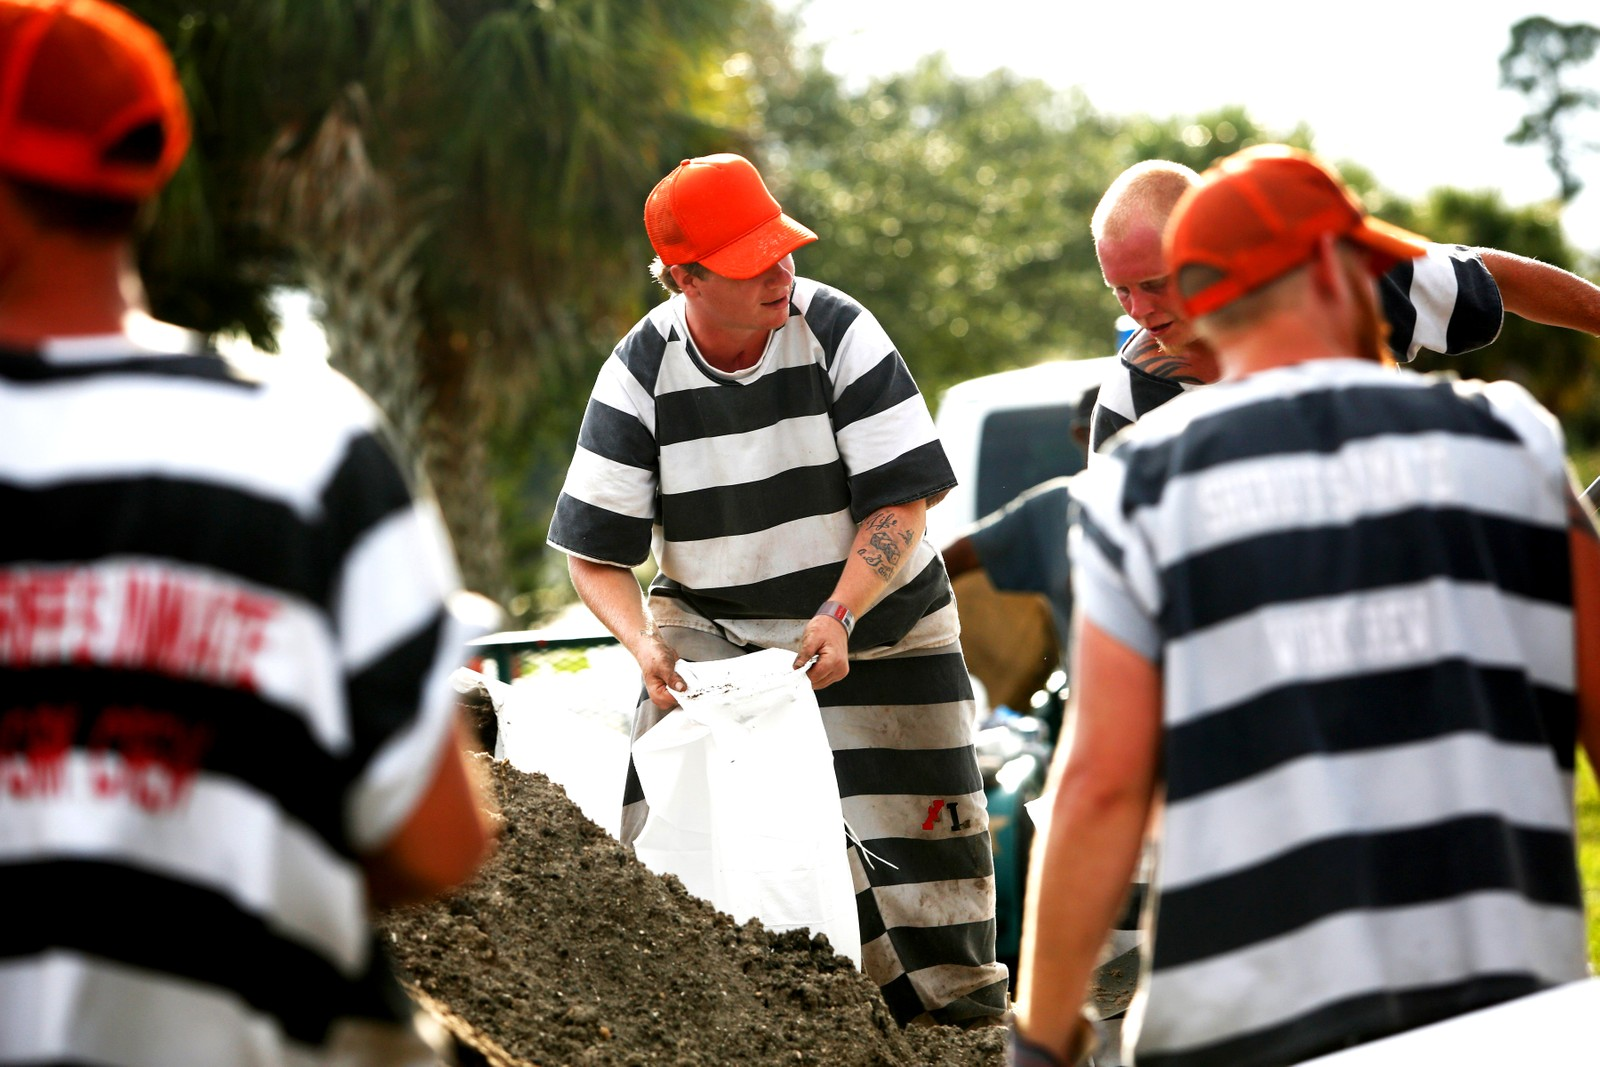 Innsatte fra fengselet Brevard County fyller opp sandsekker for å hjelpe innbyggere på Merritt Island i Florida til å forberede seg på orkanen Irma.